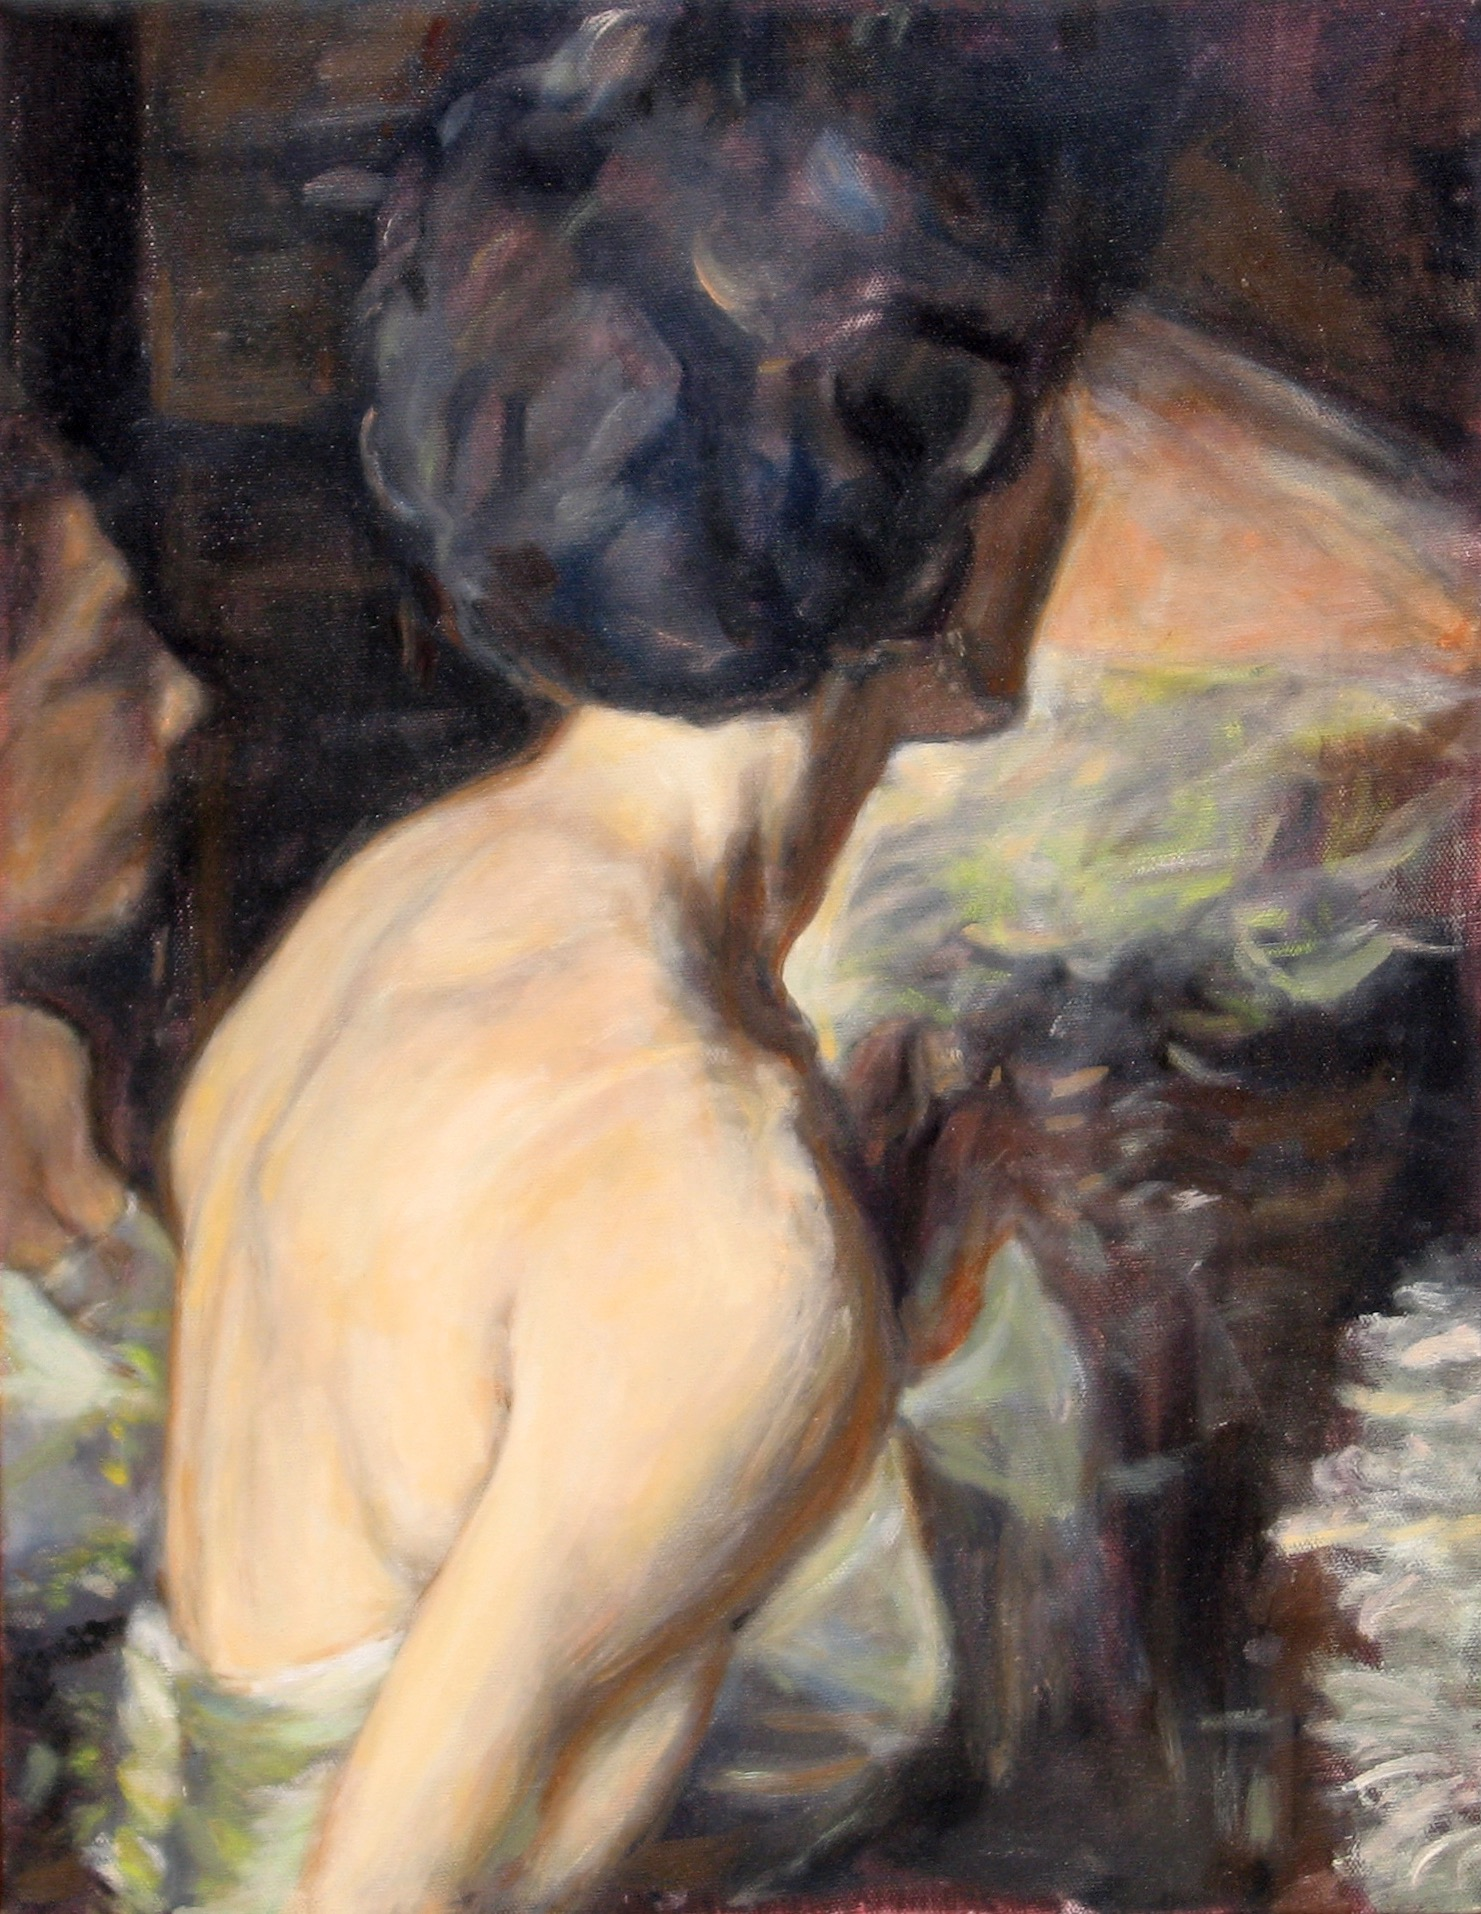 bridesmaid_oil on canvas_18x14''.jpg